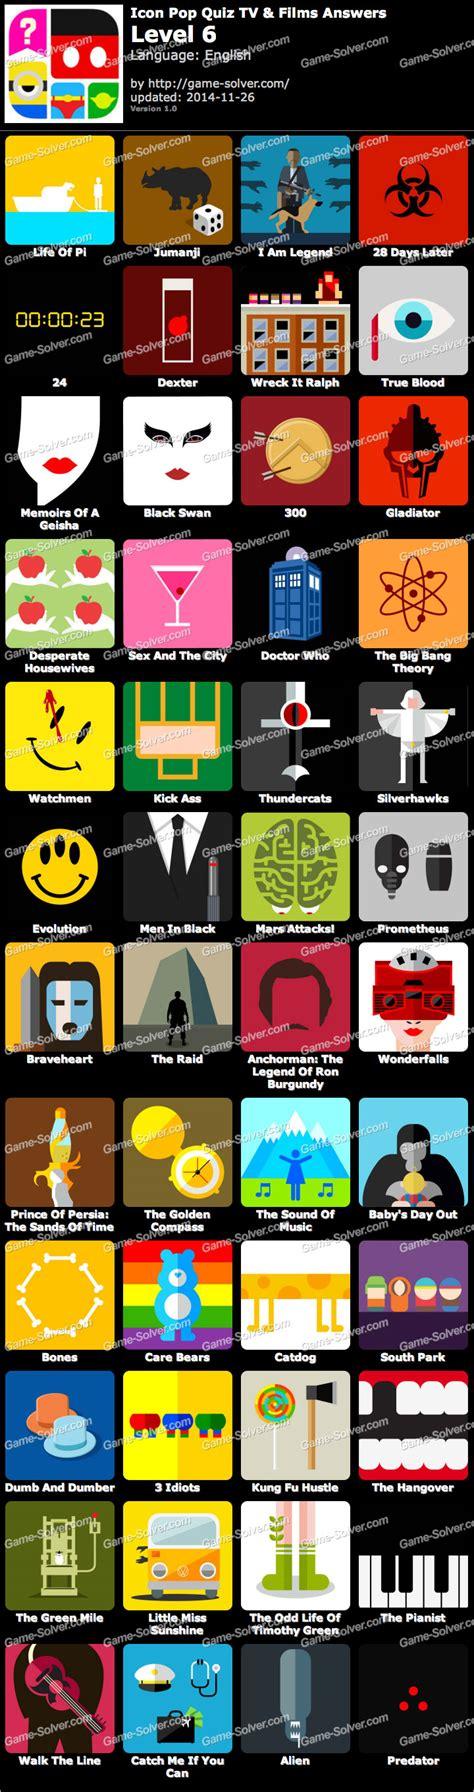 promi quiz film und tv icon pop quiz tv and films level 6 game solver